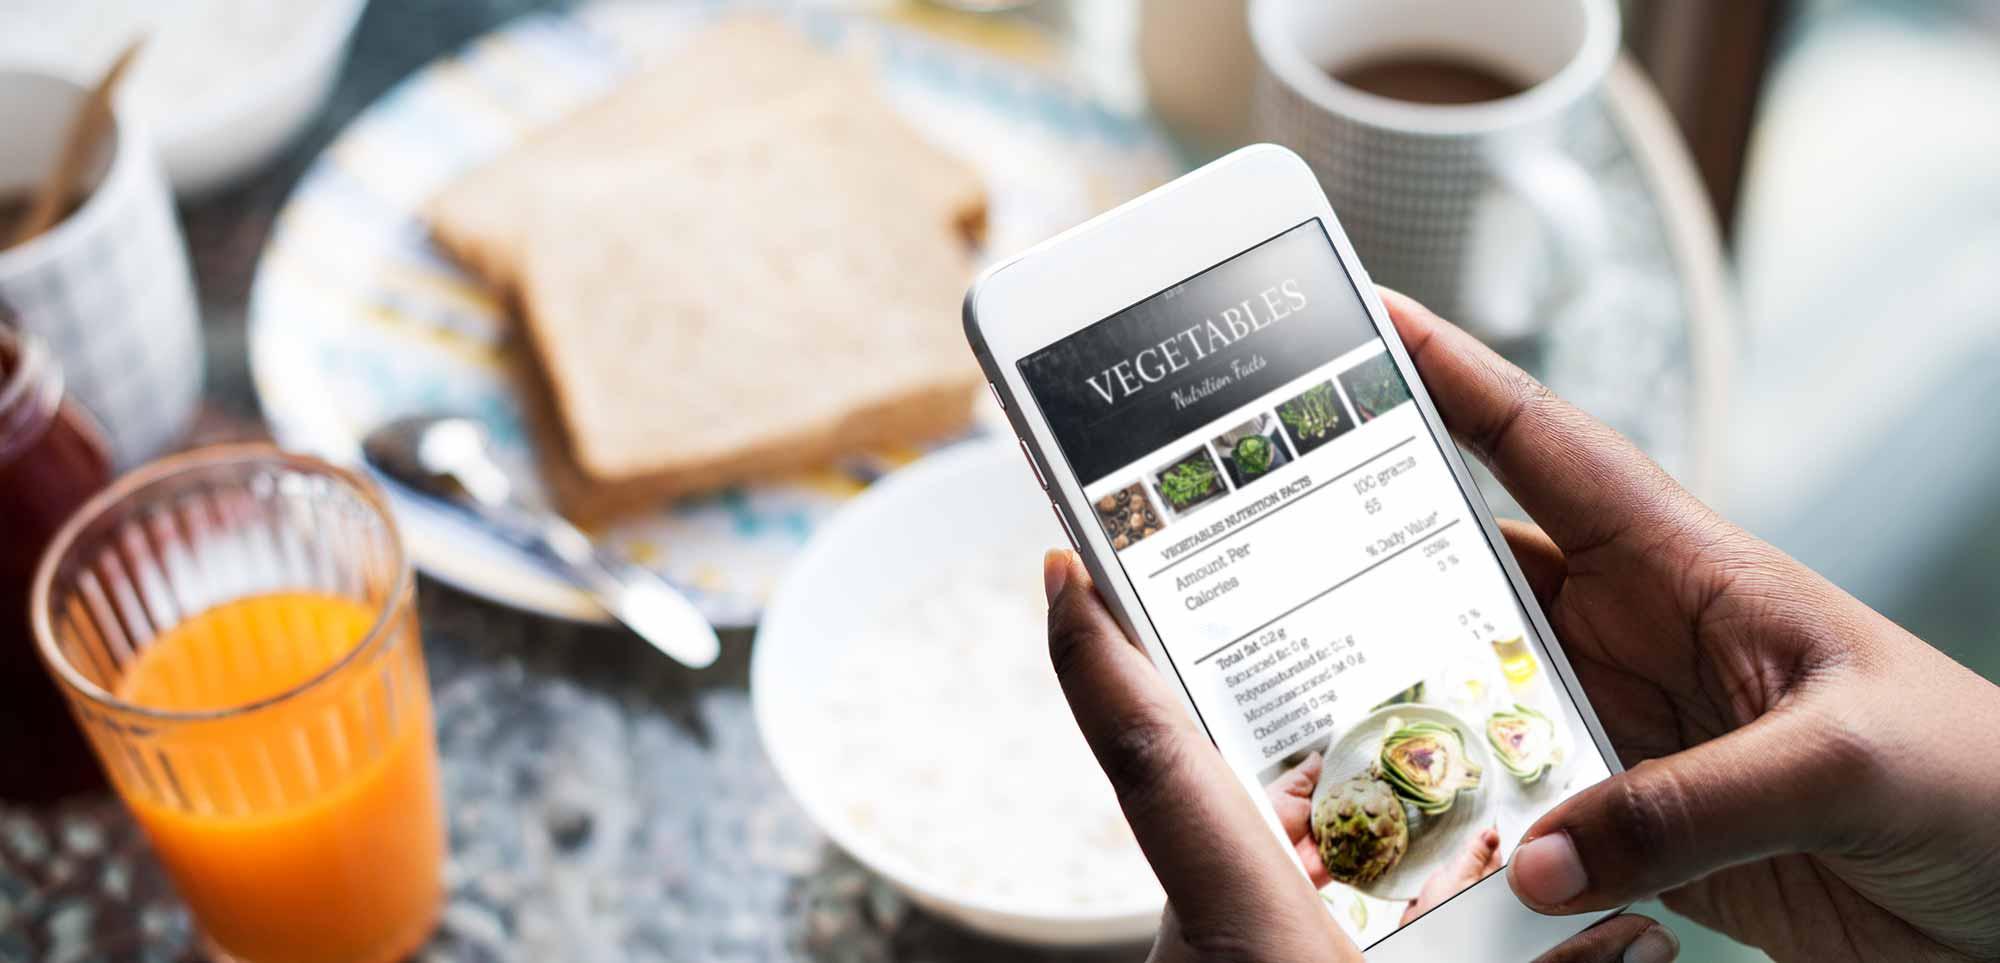 """Digitale Identität """"zum Frühstück"""" beim Digital Breakfast"""